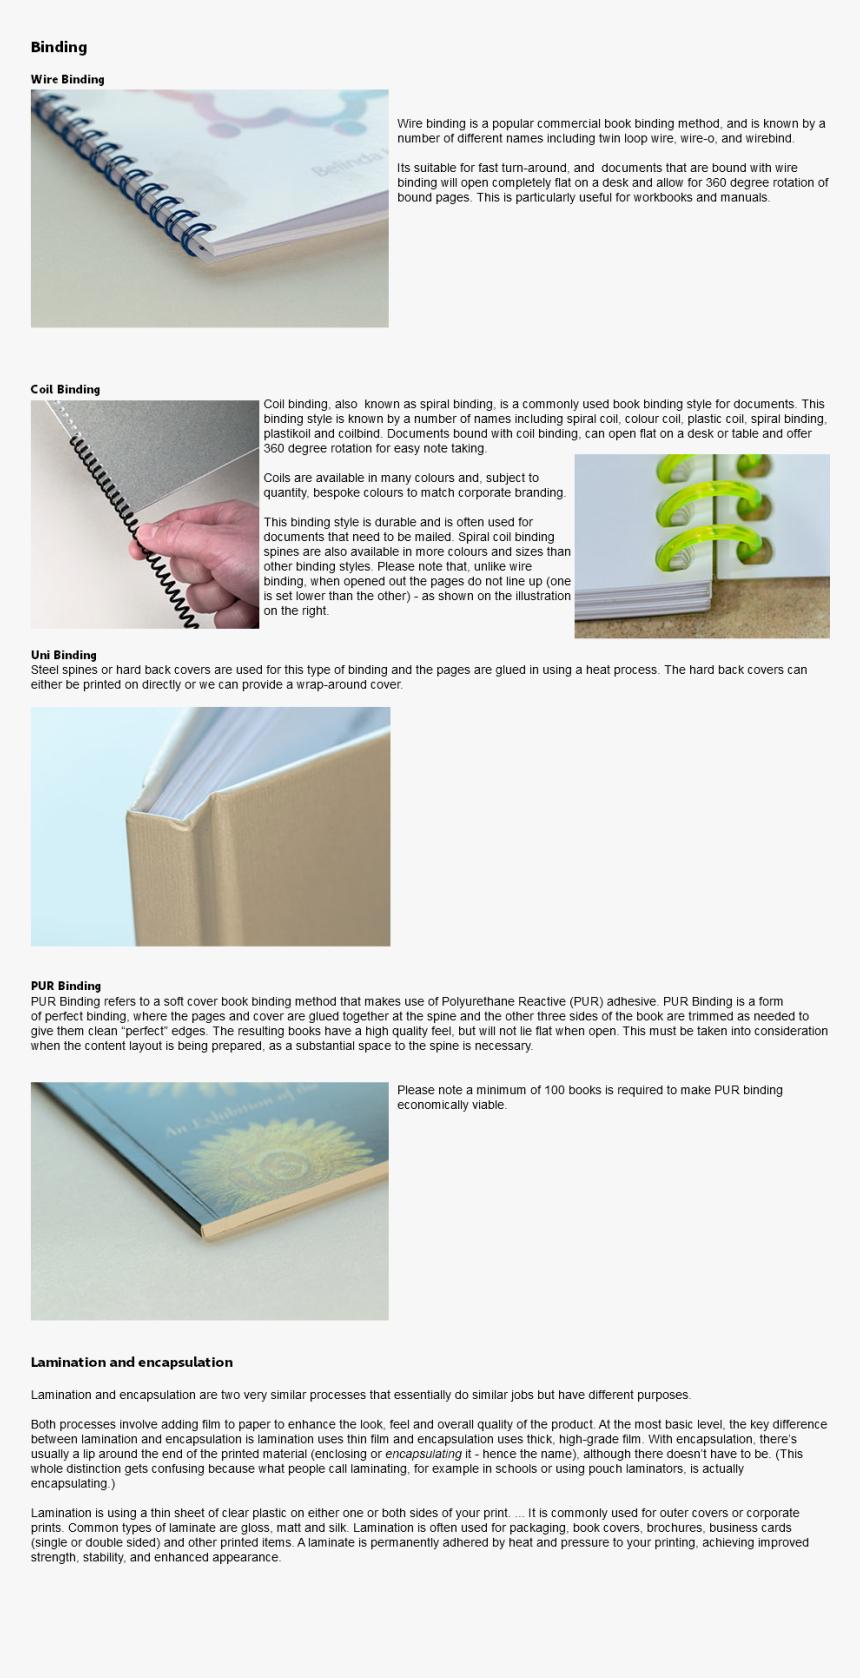 Binding Wire Binding wire Bindingis A Popular Commercialbook - Floor, HD Png Download, Free Download